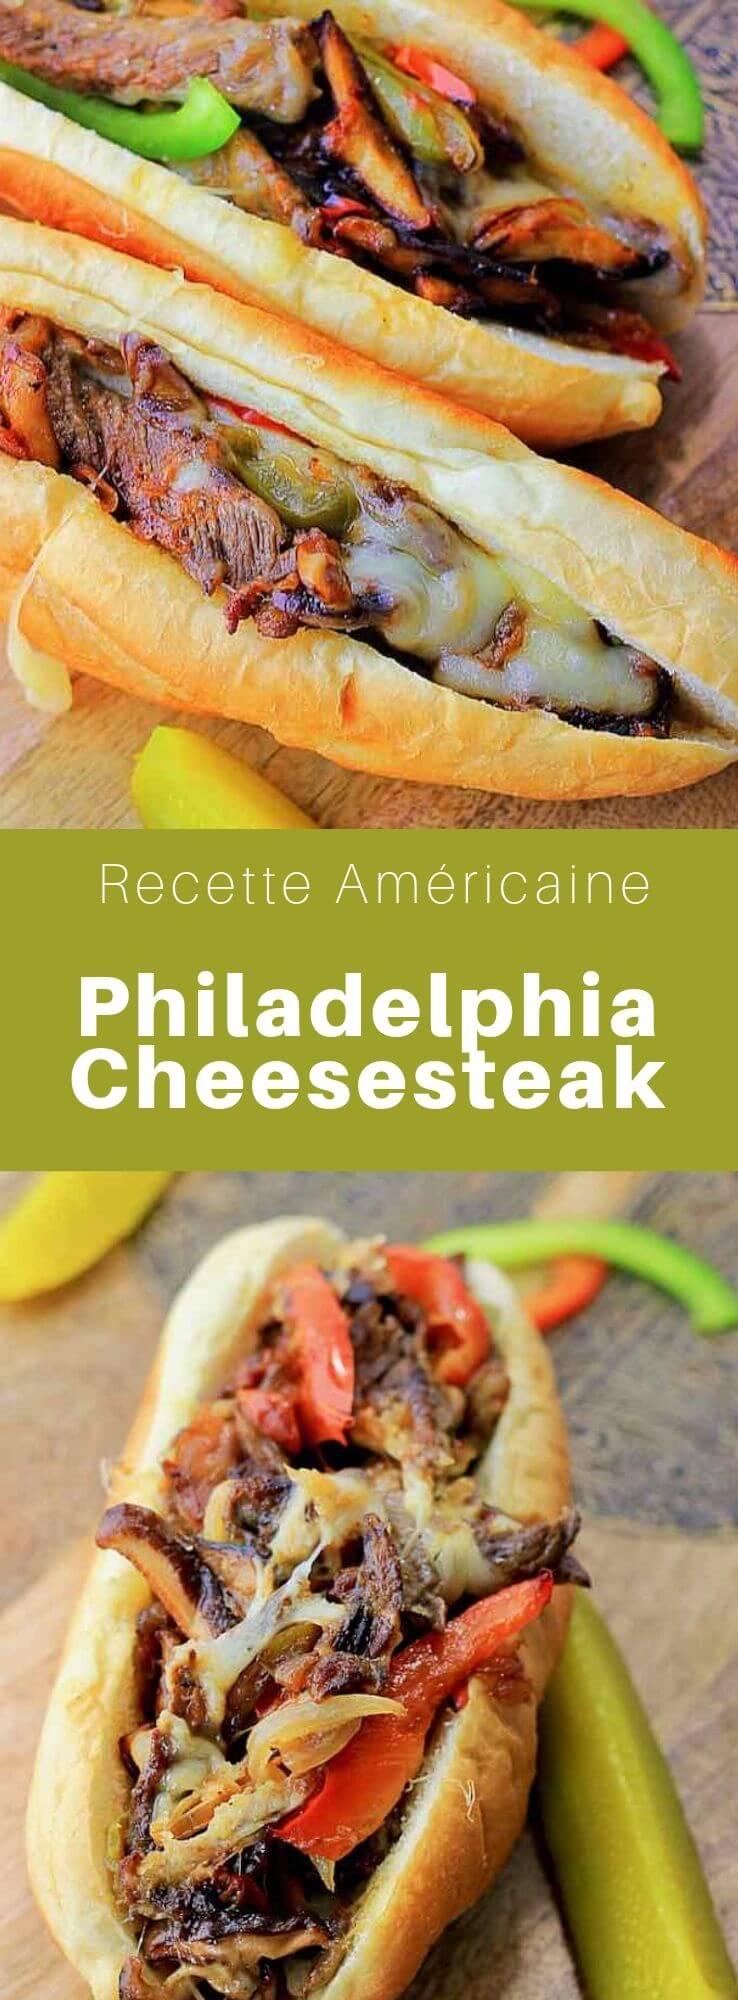 Le Philadelphia cheesesteak, ou Philly cheesesteak, est un sandwich de bœuf et fromage, typique de la ville de Philadelphie, incluant souvent des oignons, des champignons et des poivrons. #RecetteAmericaine #CuisineAmericaine #CuisineDuMonde #196flavors